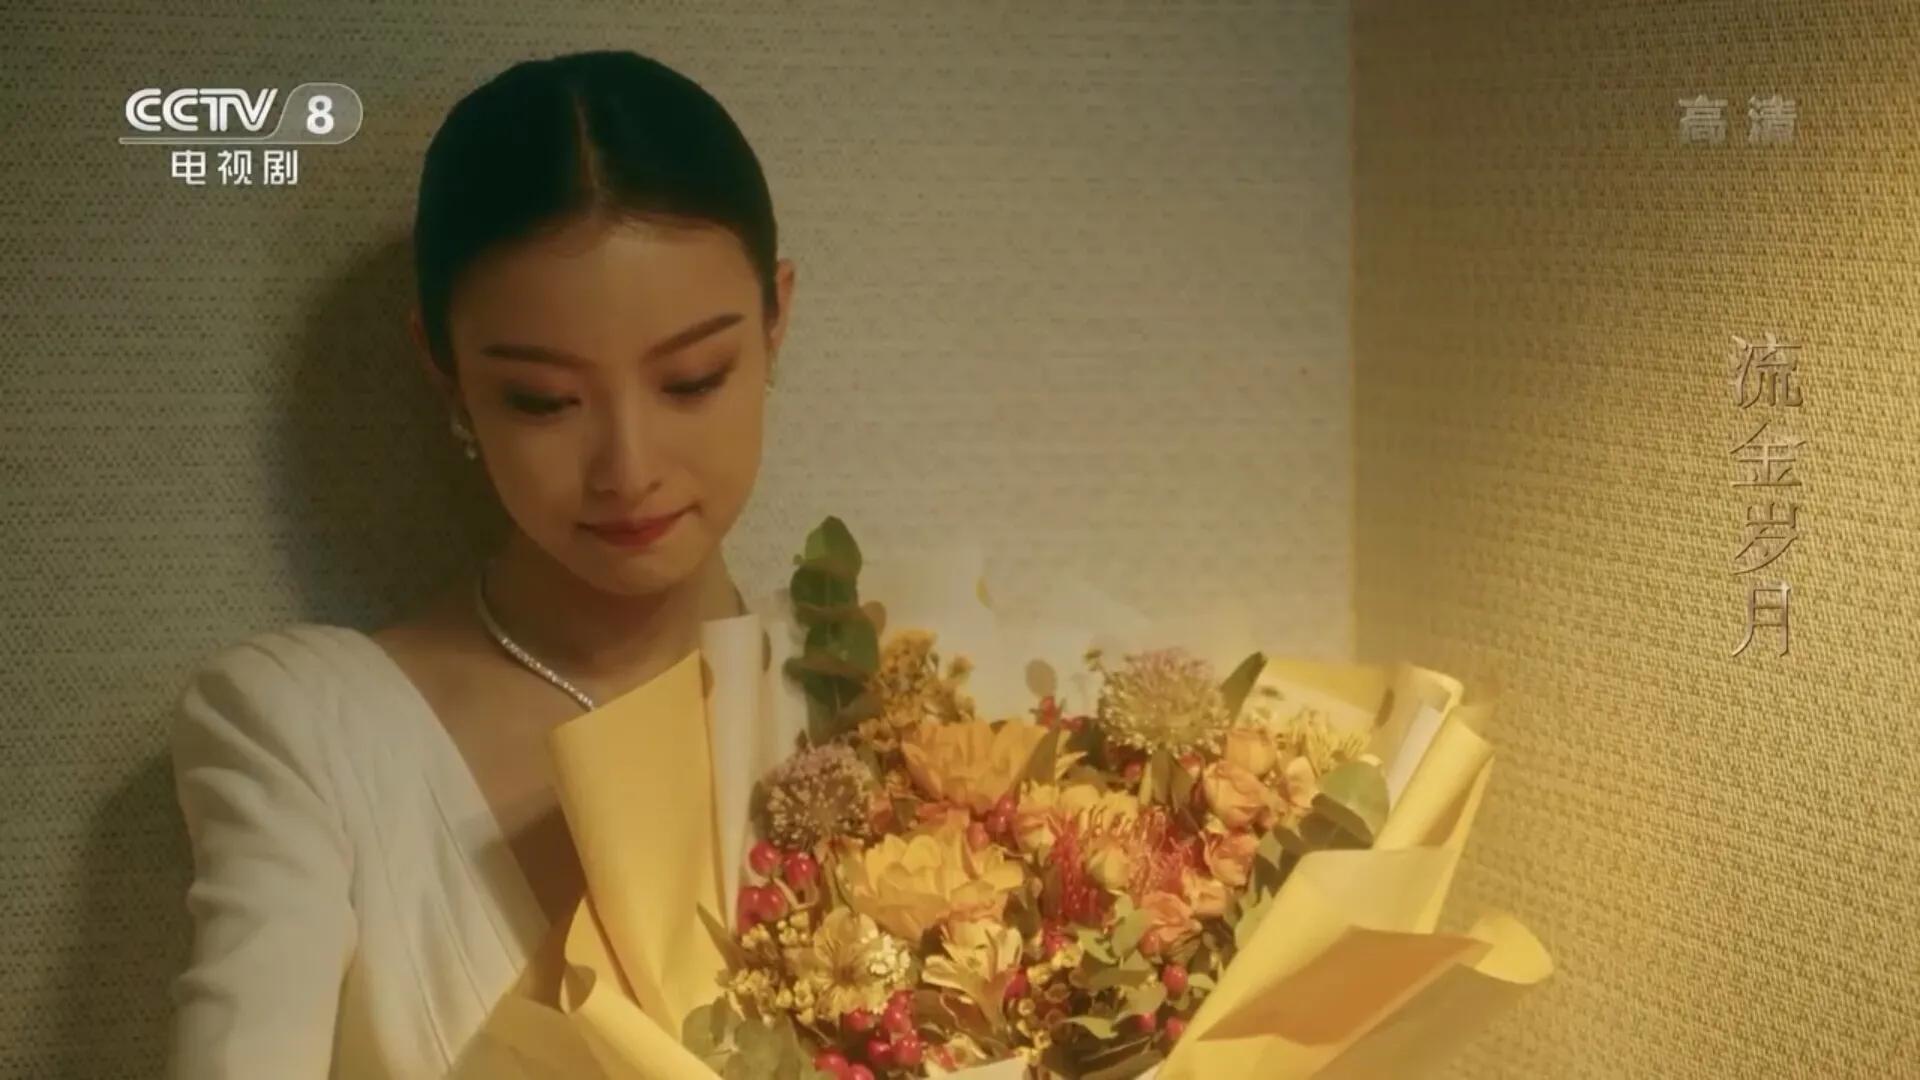 《流金岁月》朱锁锁终于嫁给了谢宏祖,叶谨言给锁锁送上诚挚祝福